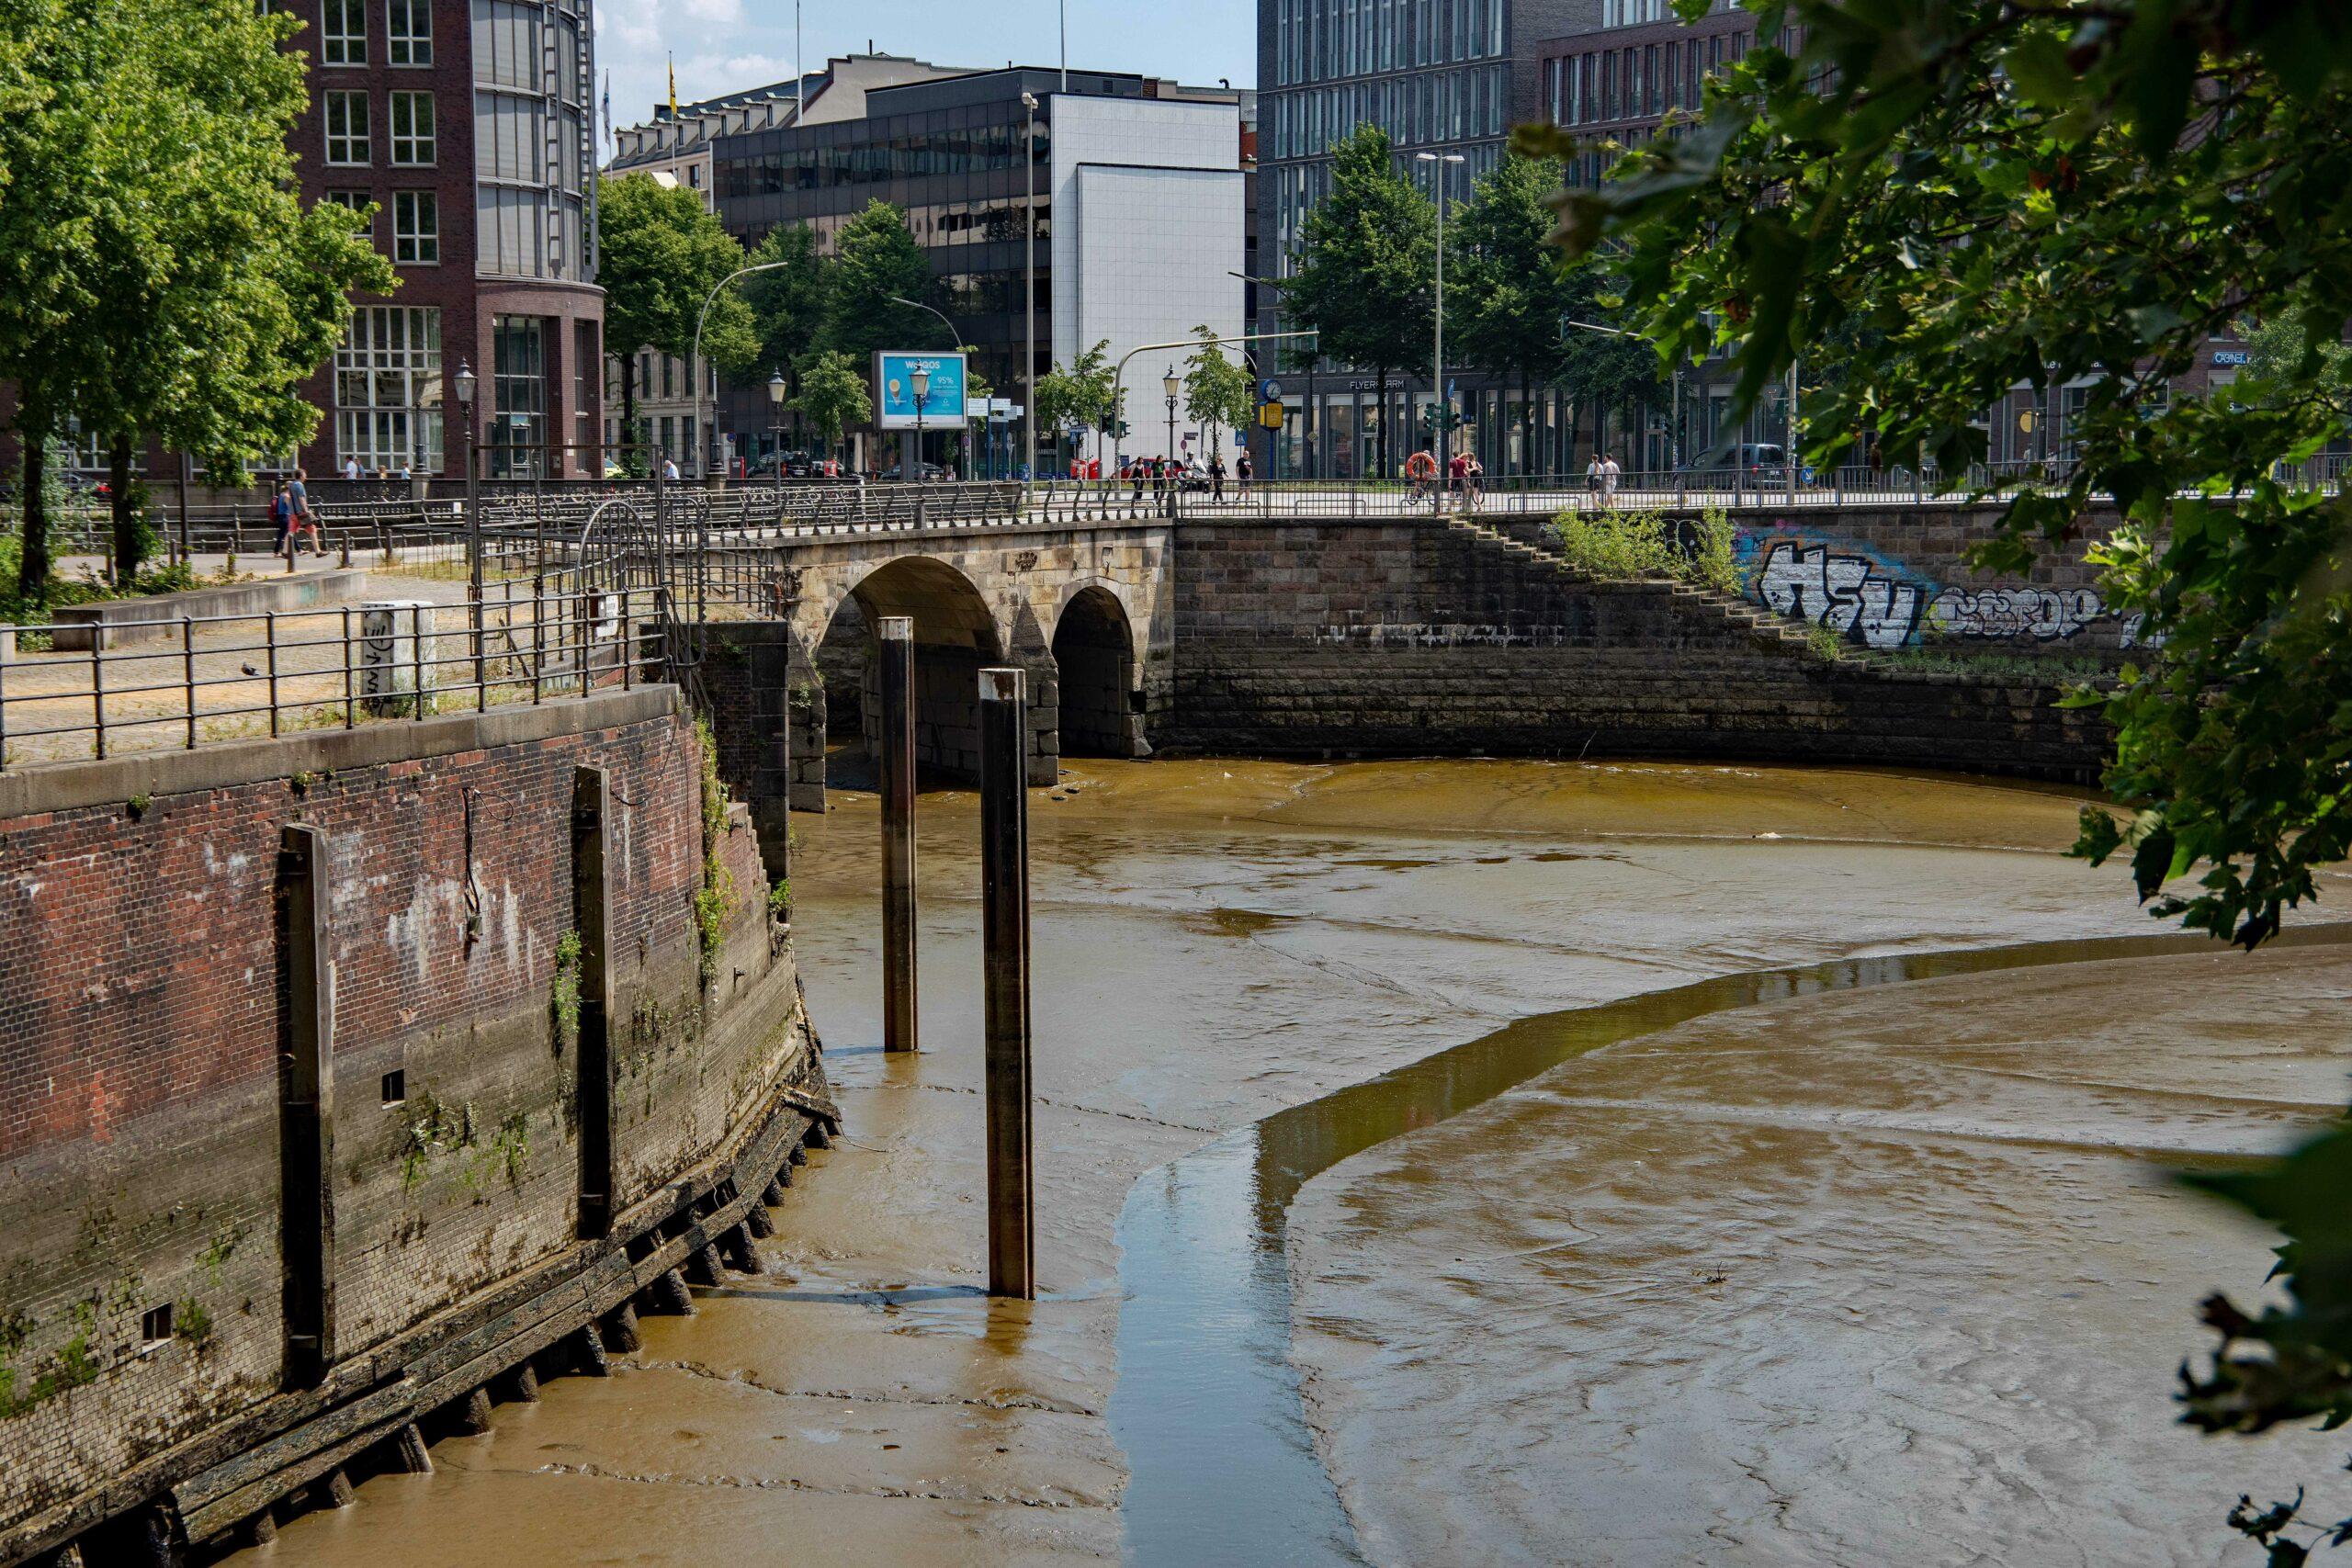 Hans Stötera - Fleete Tour 25.07.2021 - Nicolaifleet ohne Wasser